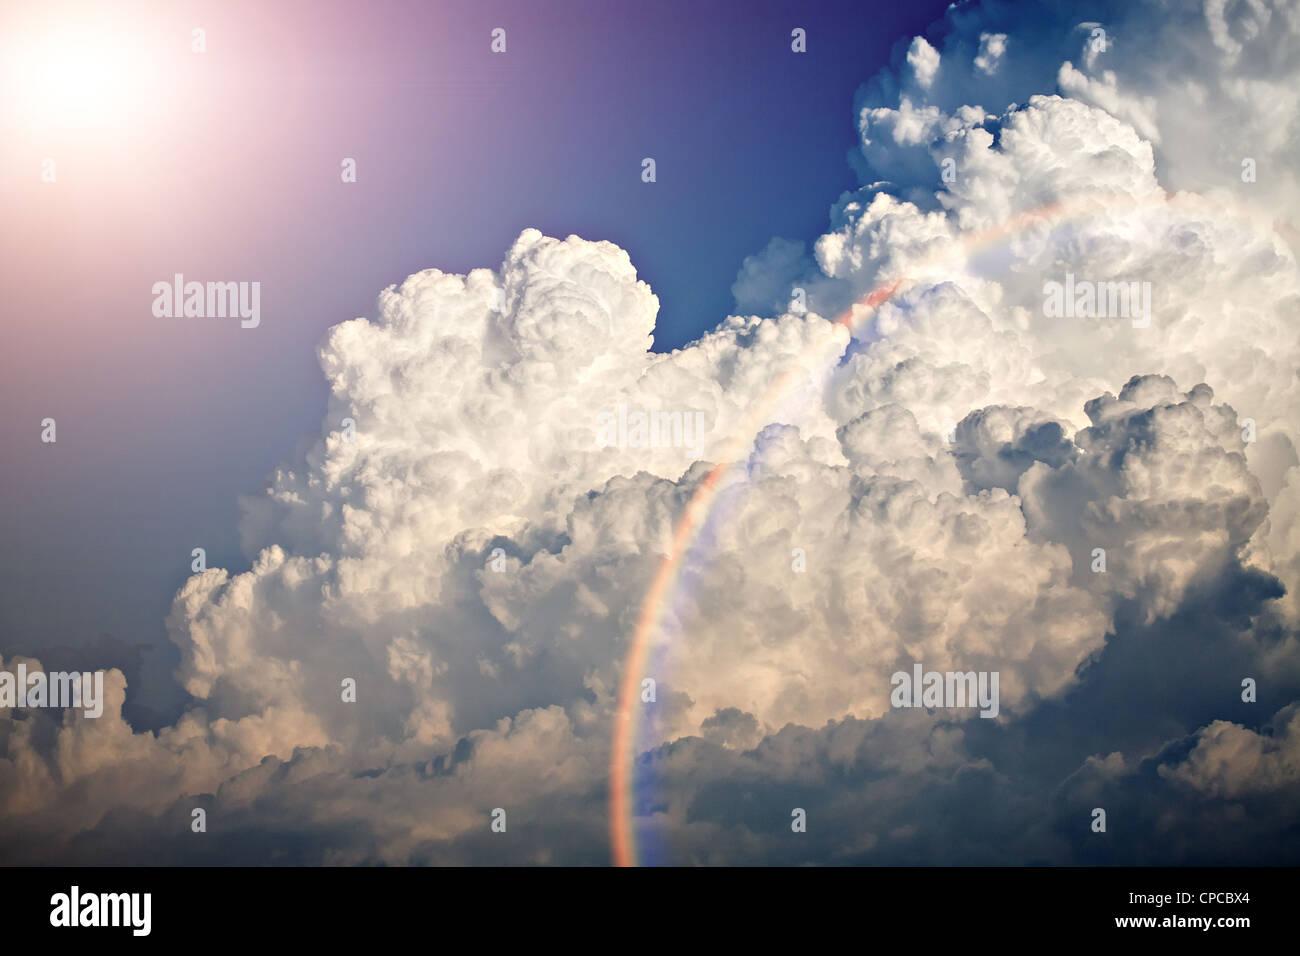 Schuss von Wolken und blauer Himmel im Sommer Stockbild